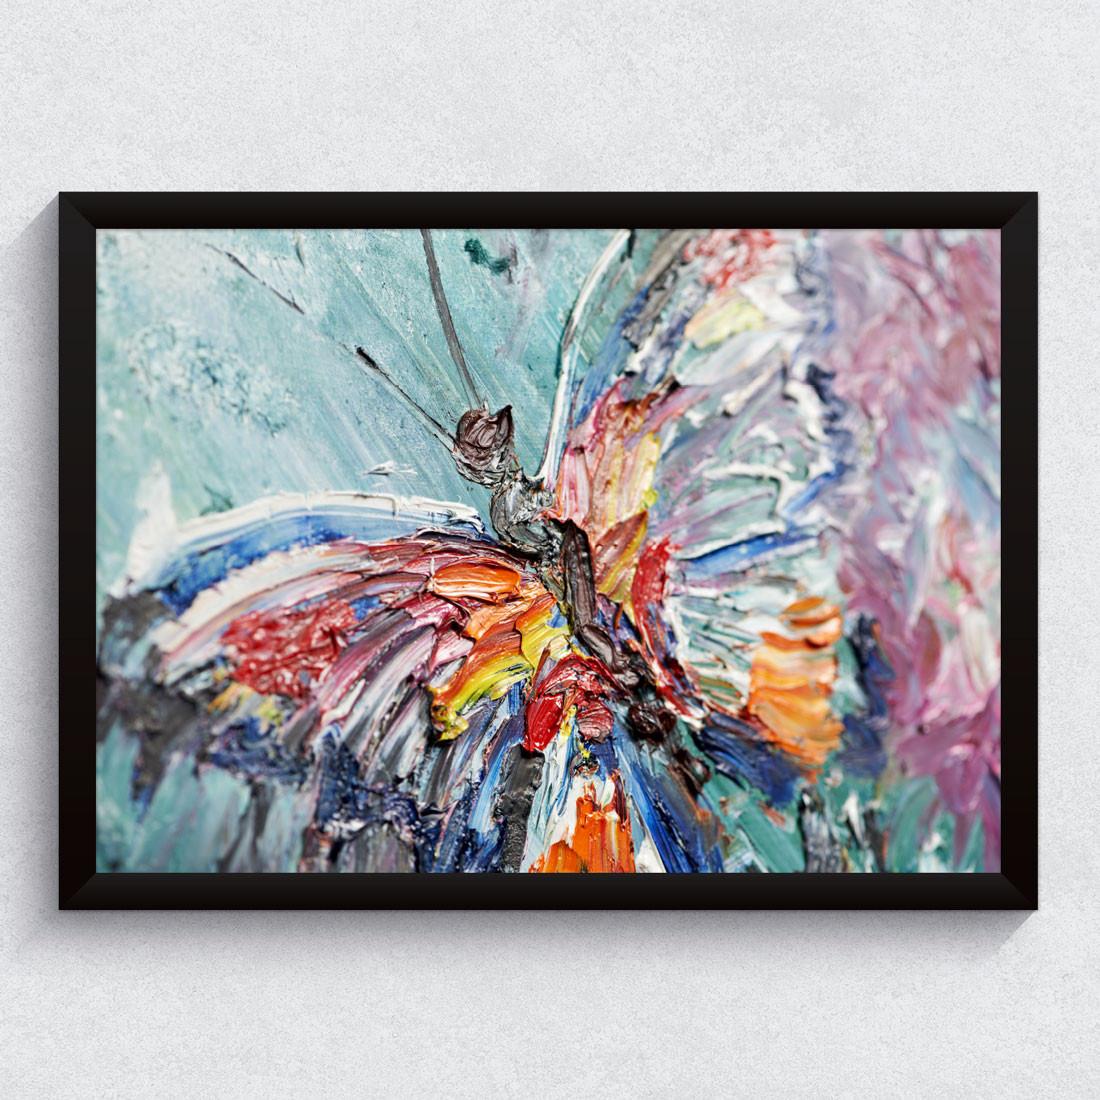 Quadro Decorativo Fotografia Borboleta em Tinta